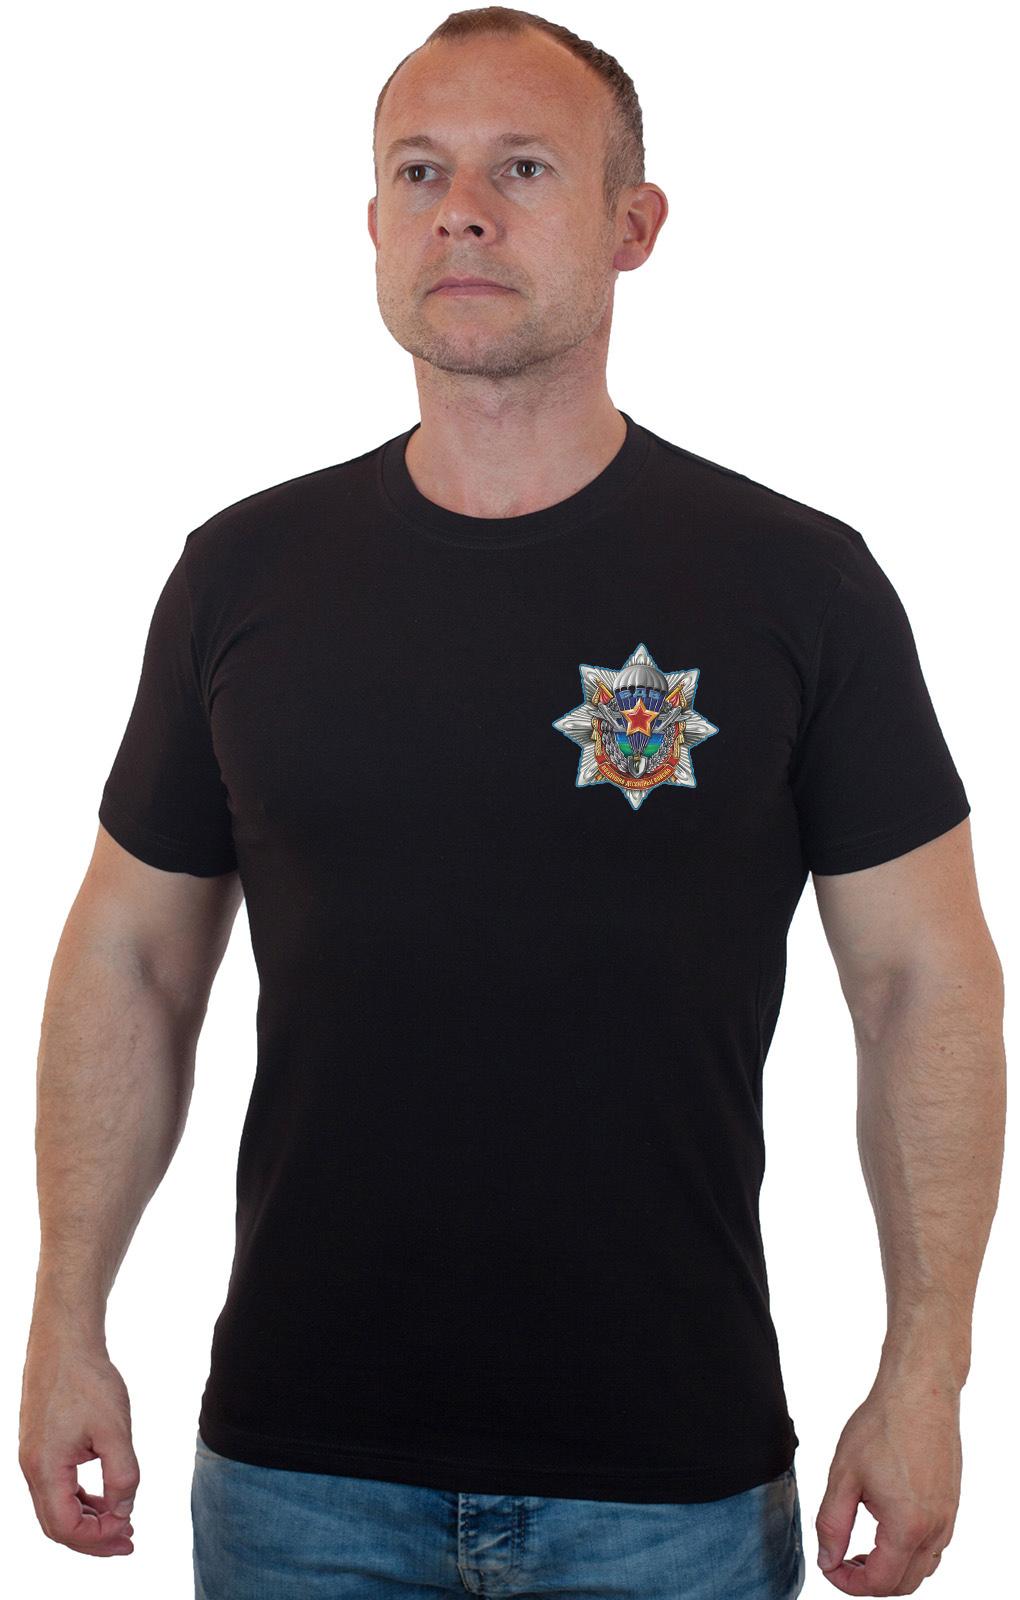 Купить надежную черную футболку ВДВ оптом или в розницу